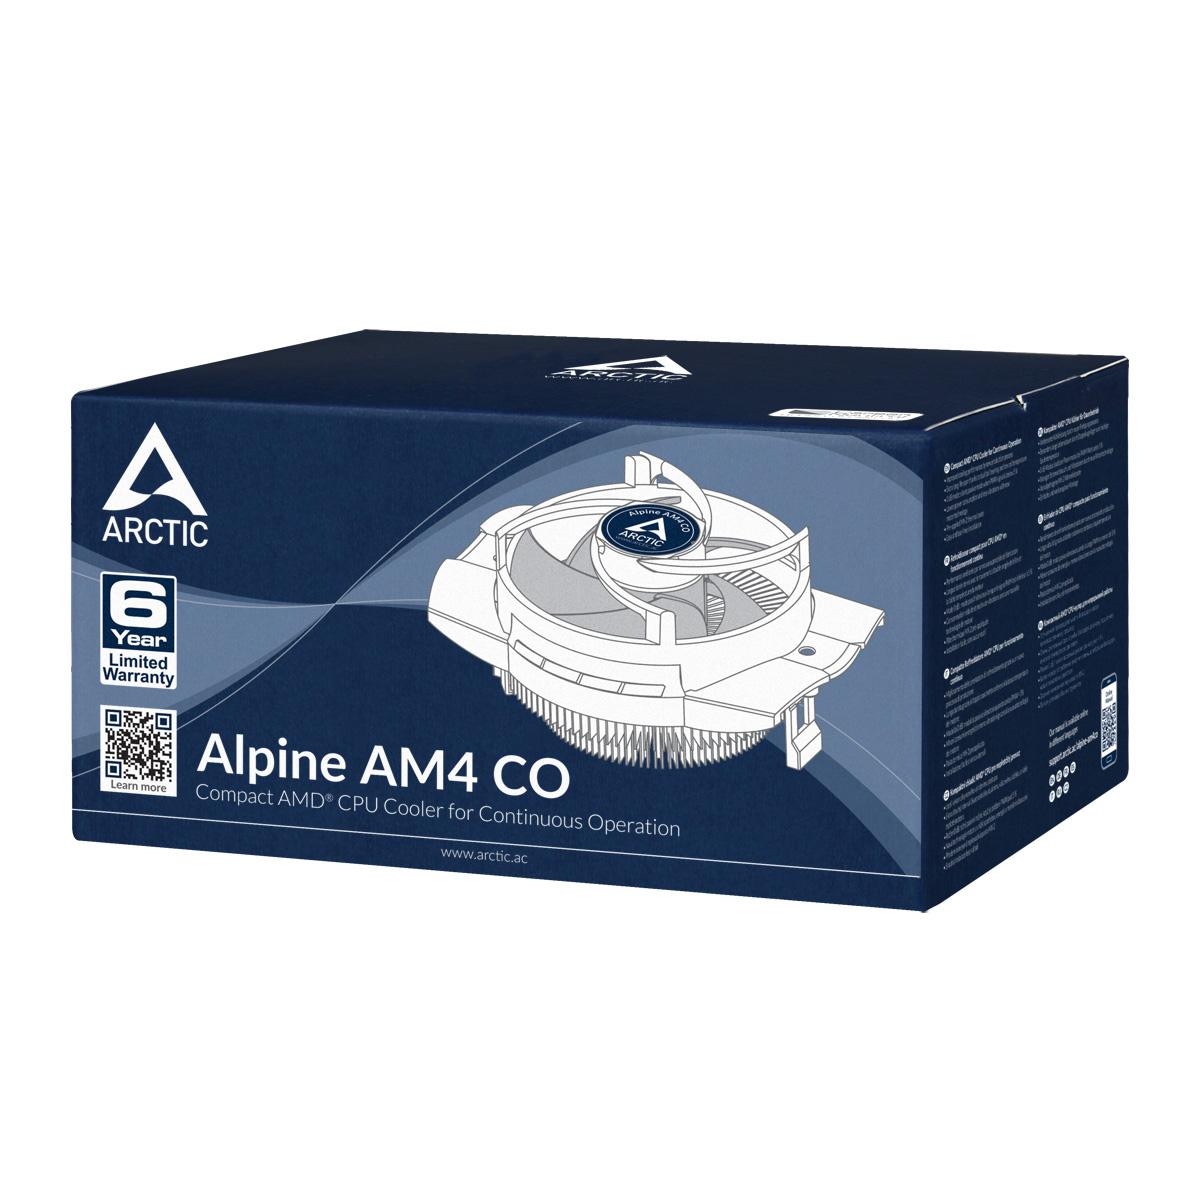 Kompakter AMD CPU-Kühler für Dauerbetrieb ARCTIC Alpine AM4 CO Produktverpackung Vorderansicht